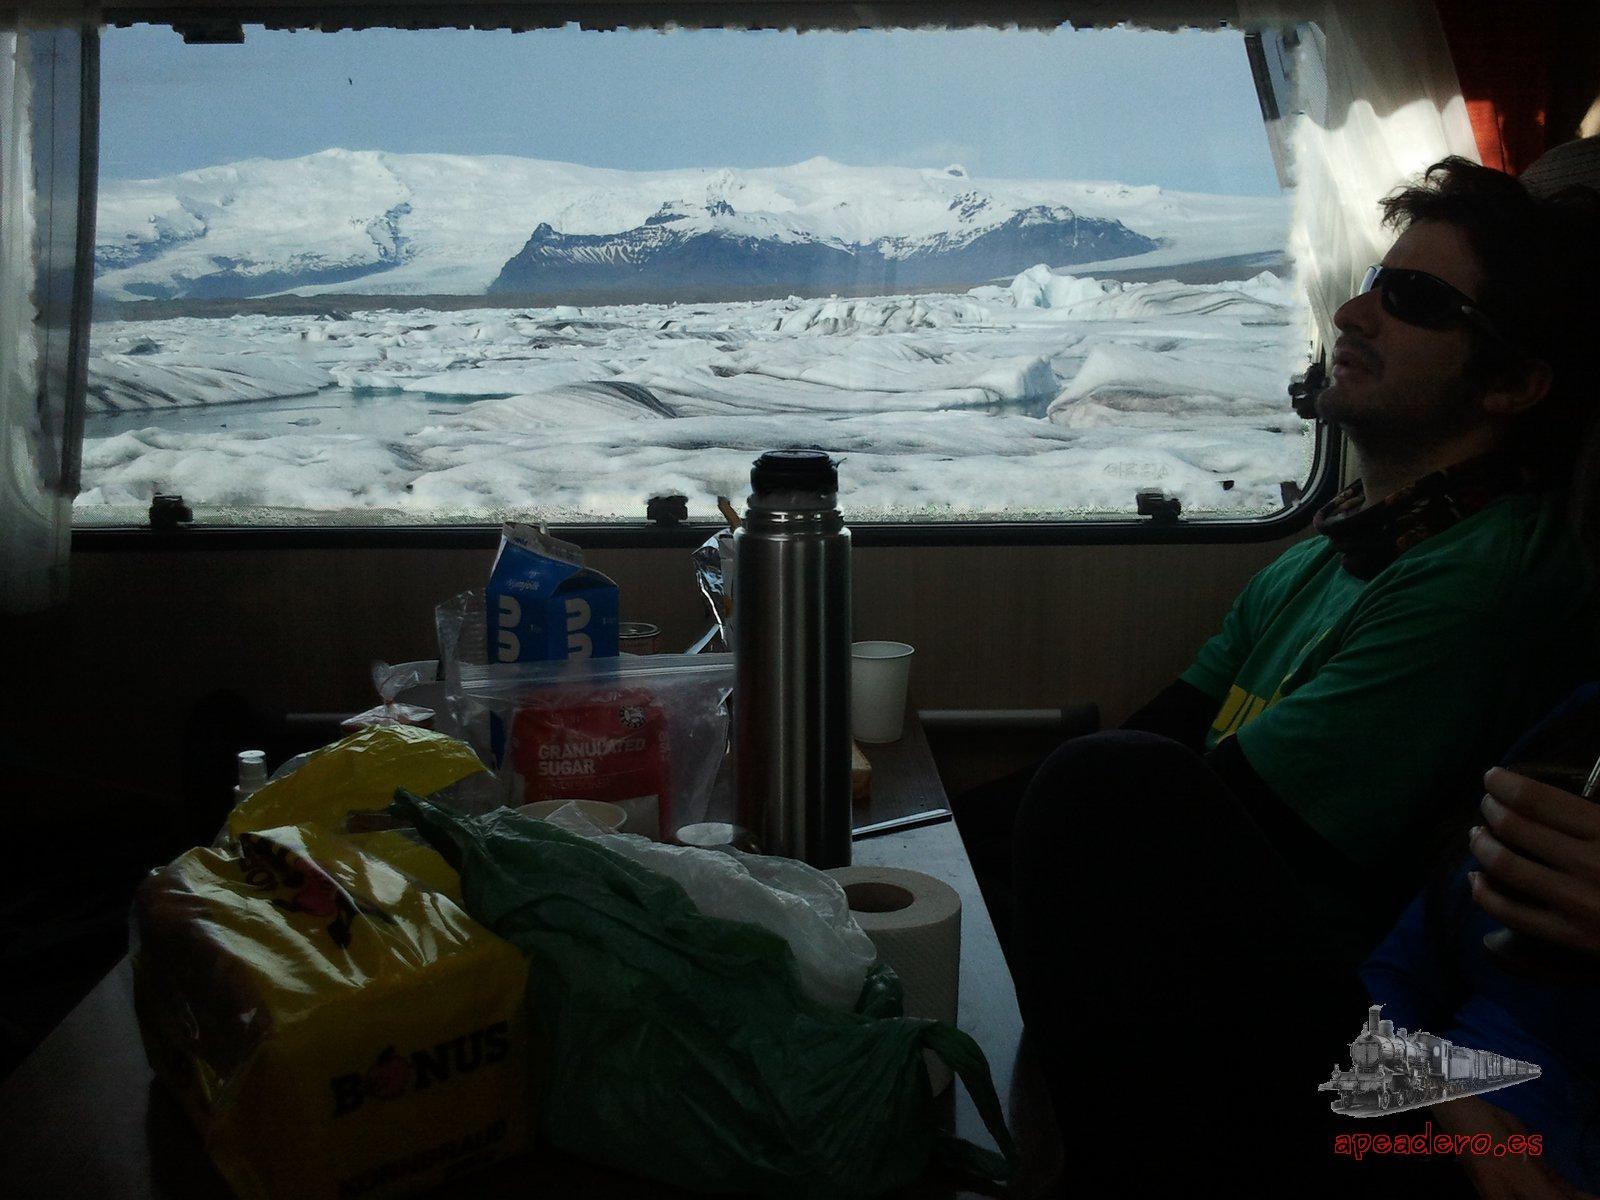 Desayuno con vistas. Era temporada baja y éramos 5 autocaravanas aparcadas, en verano puede haber overbooking y quizás sea interesante ir a la otra laguna glaciar.